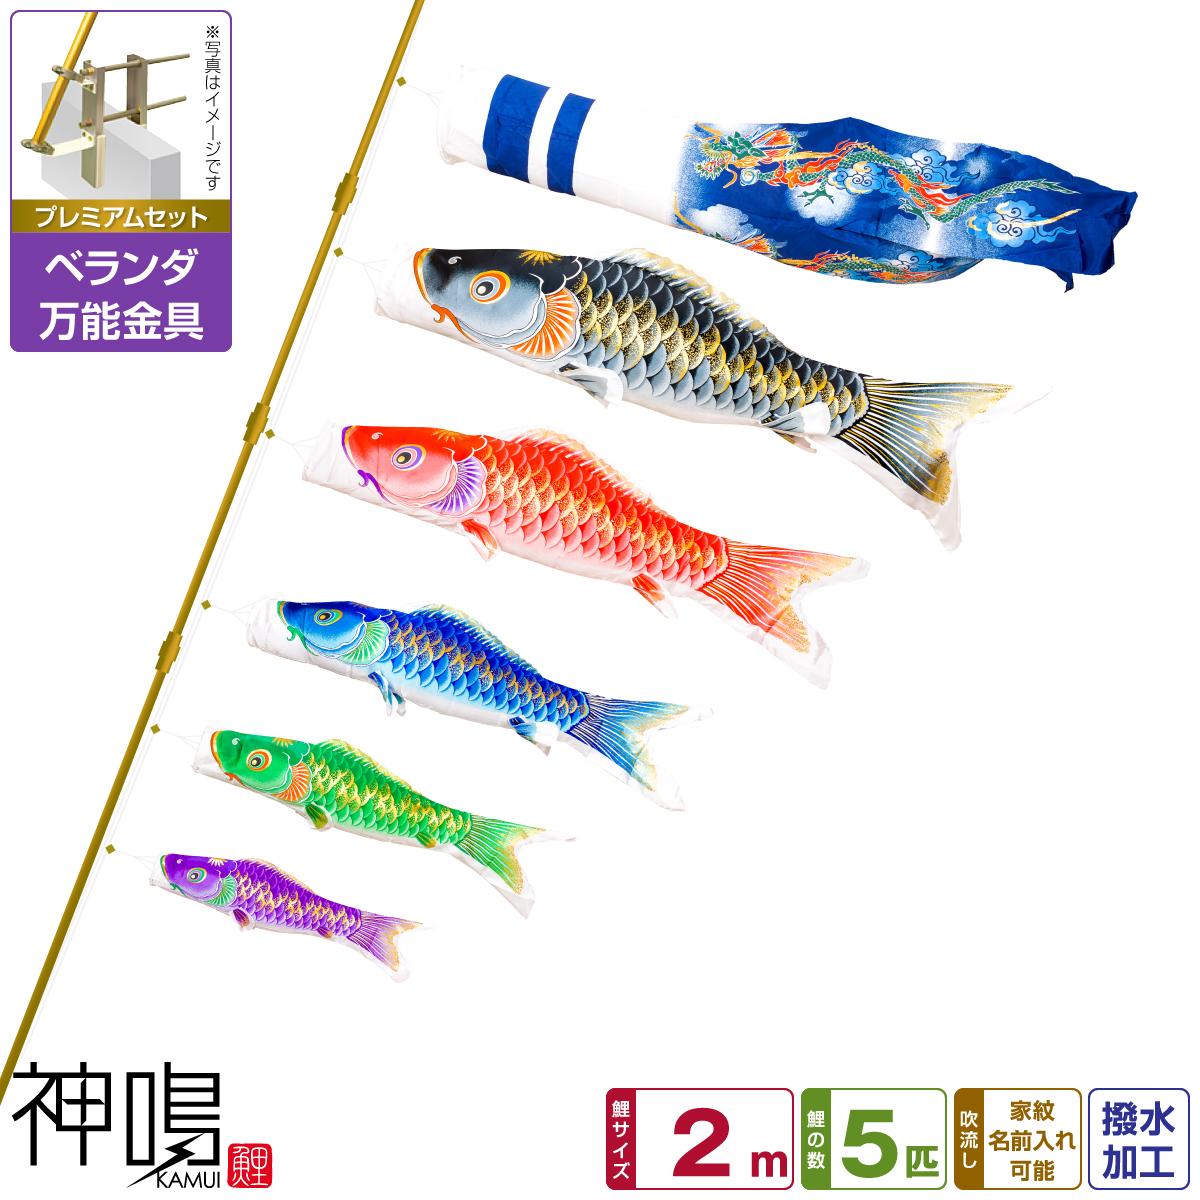 ベランダ用 鯉のぼり 神鳴鯉-KAMUI- 2m 8点(吹流し+鯉5匹+矢車+ロープ)/プレミアムセット(万能取付金具)